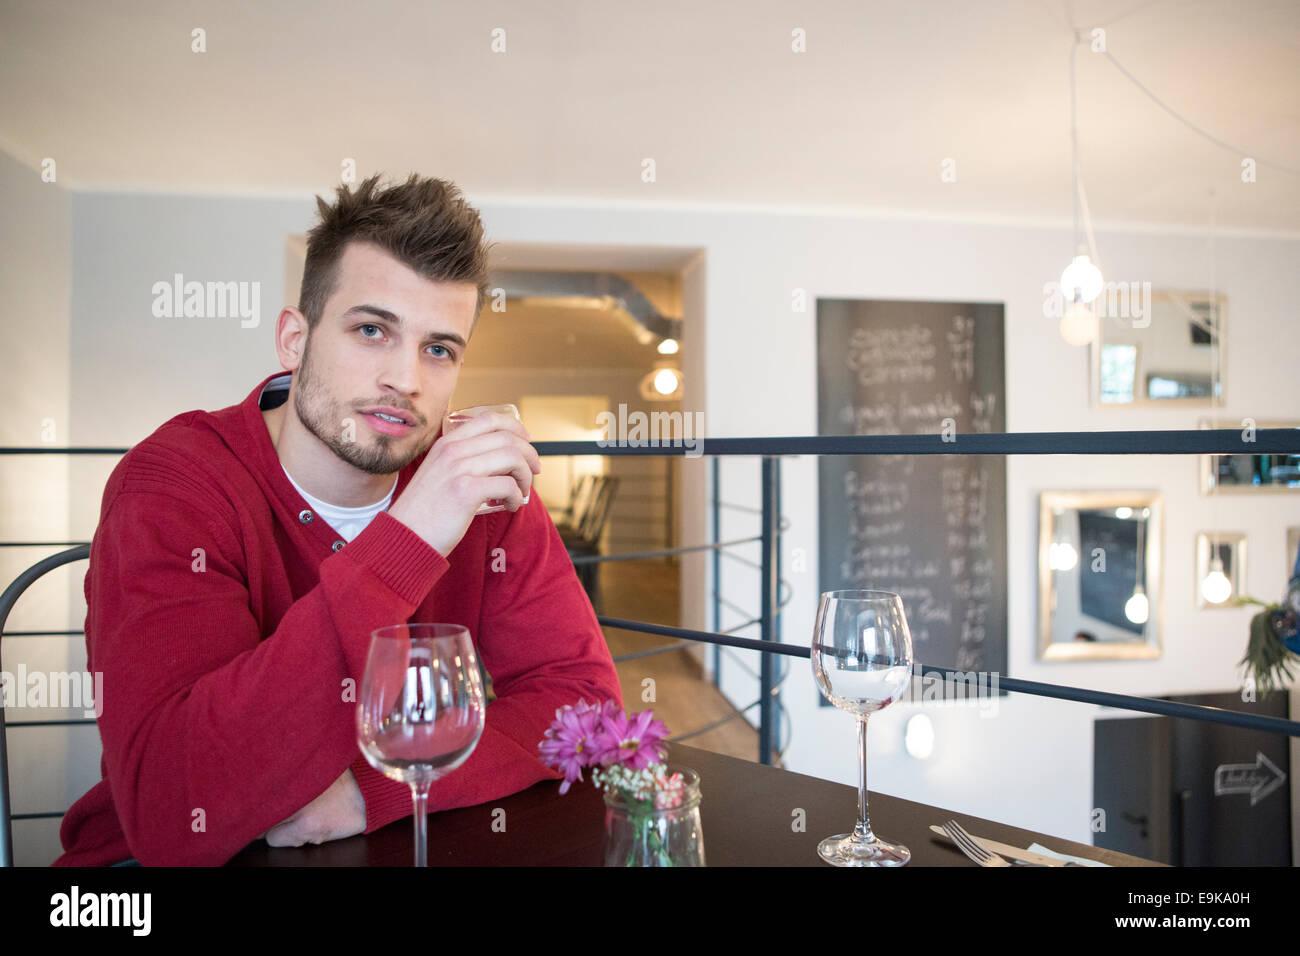 Retrato de seguros joven agua potable de vidrio en cafe Imagen De Stock